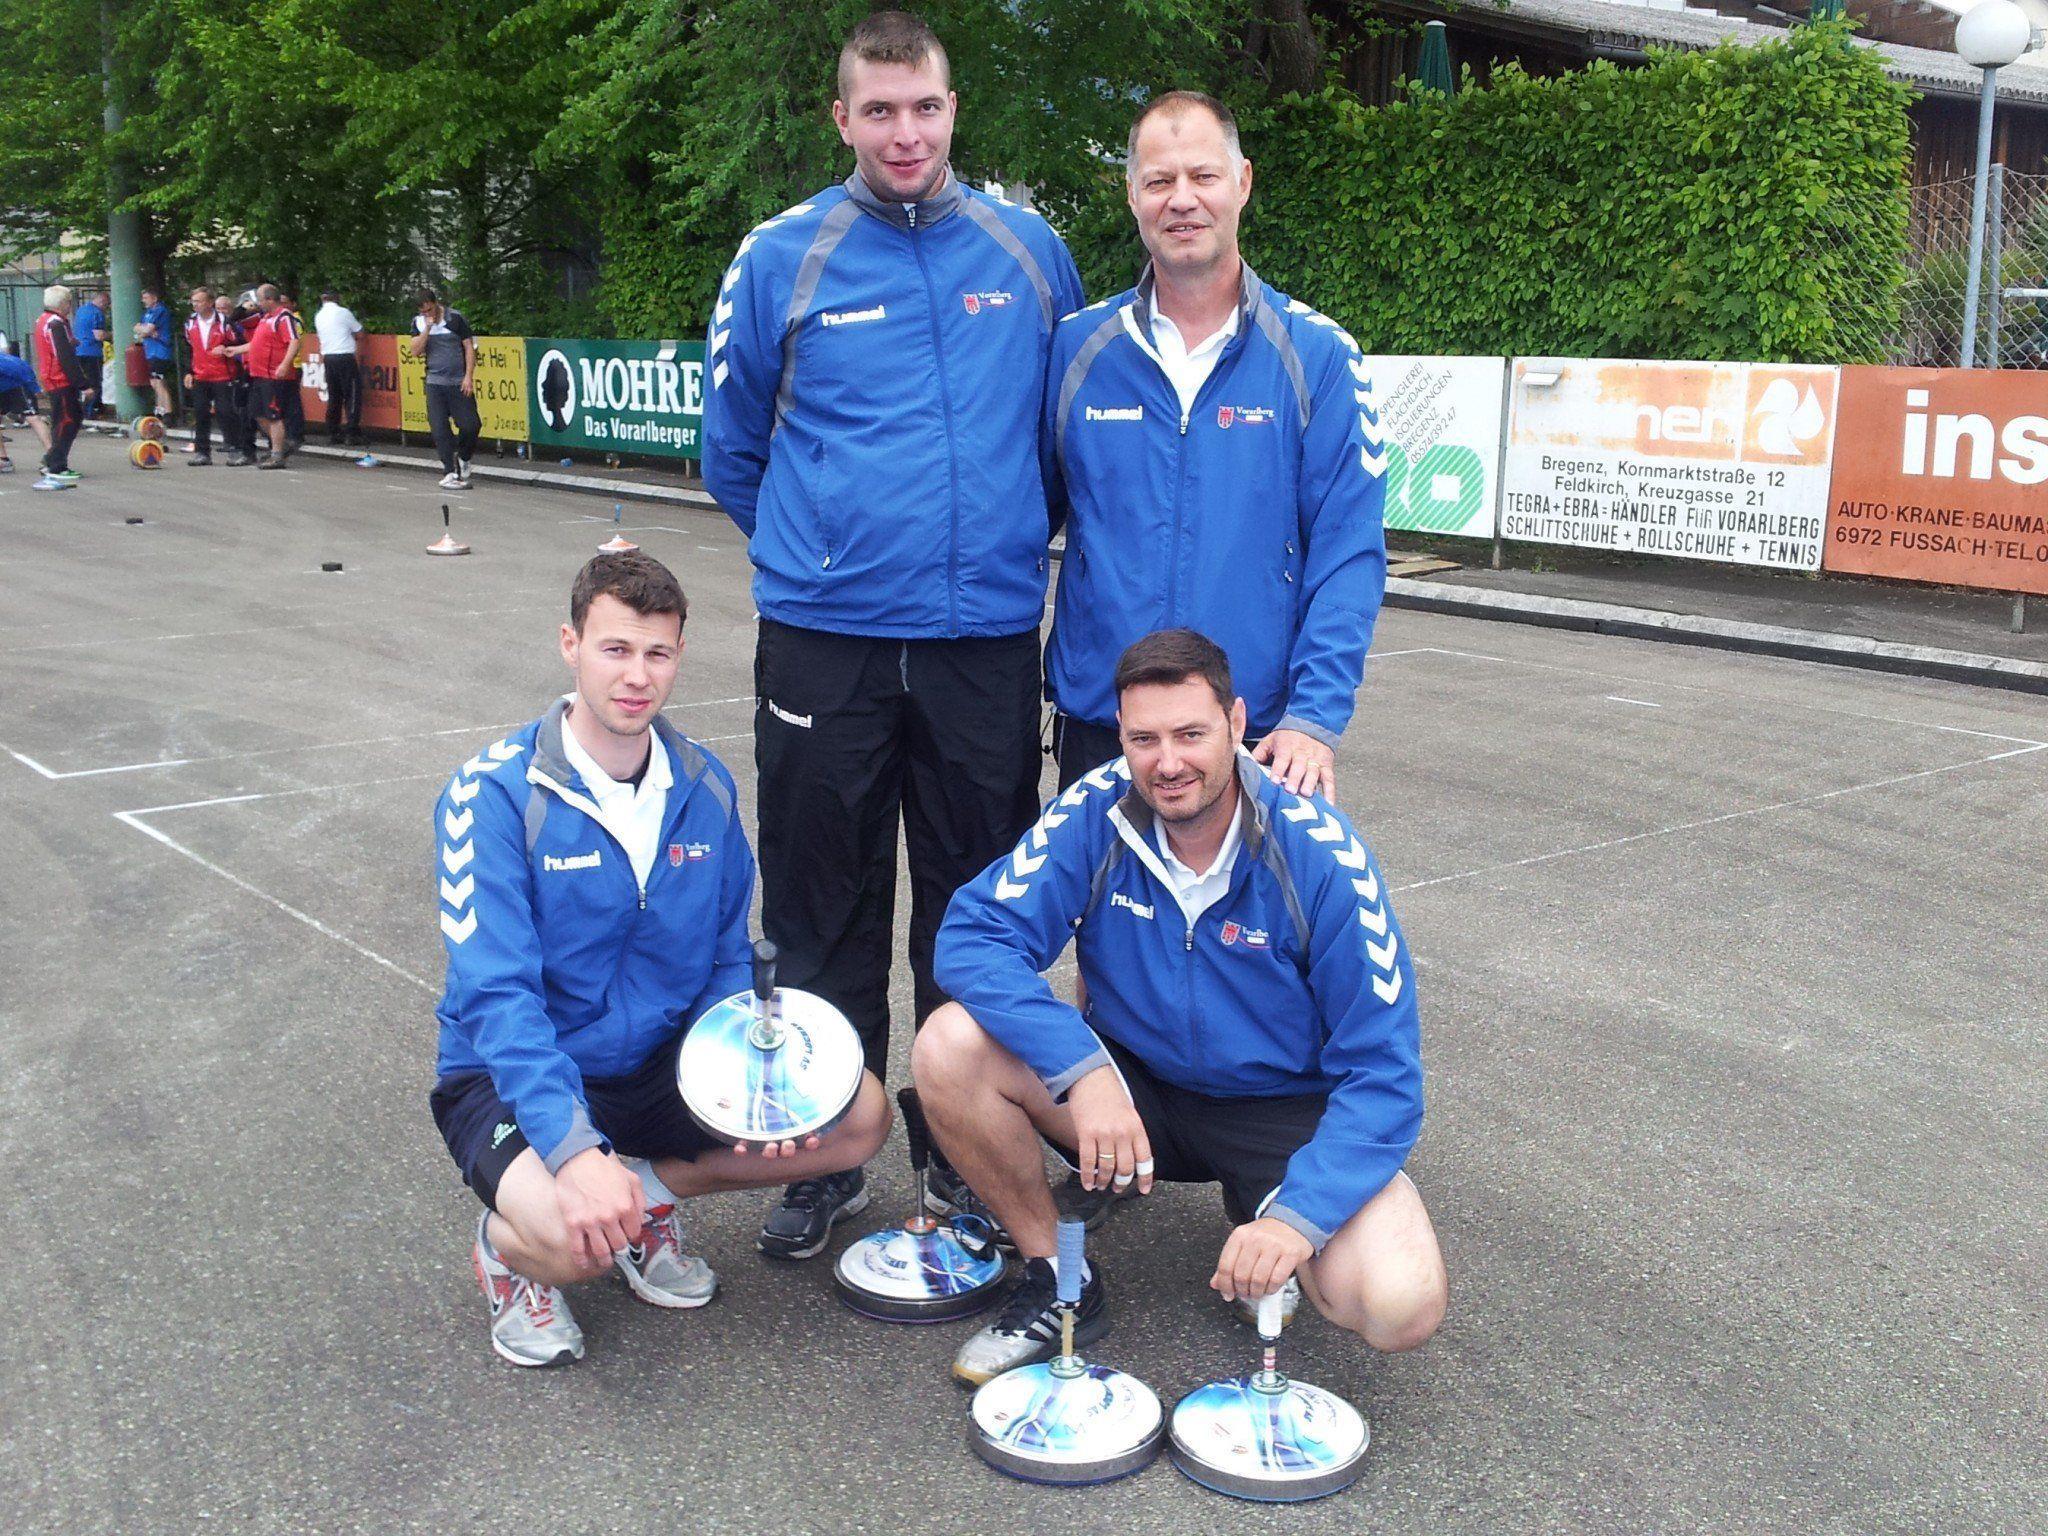 Das siegreiche Team: Abraham Sohm, Patrik Plangger, Christoph Sohm, Stefan Pienz